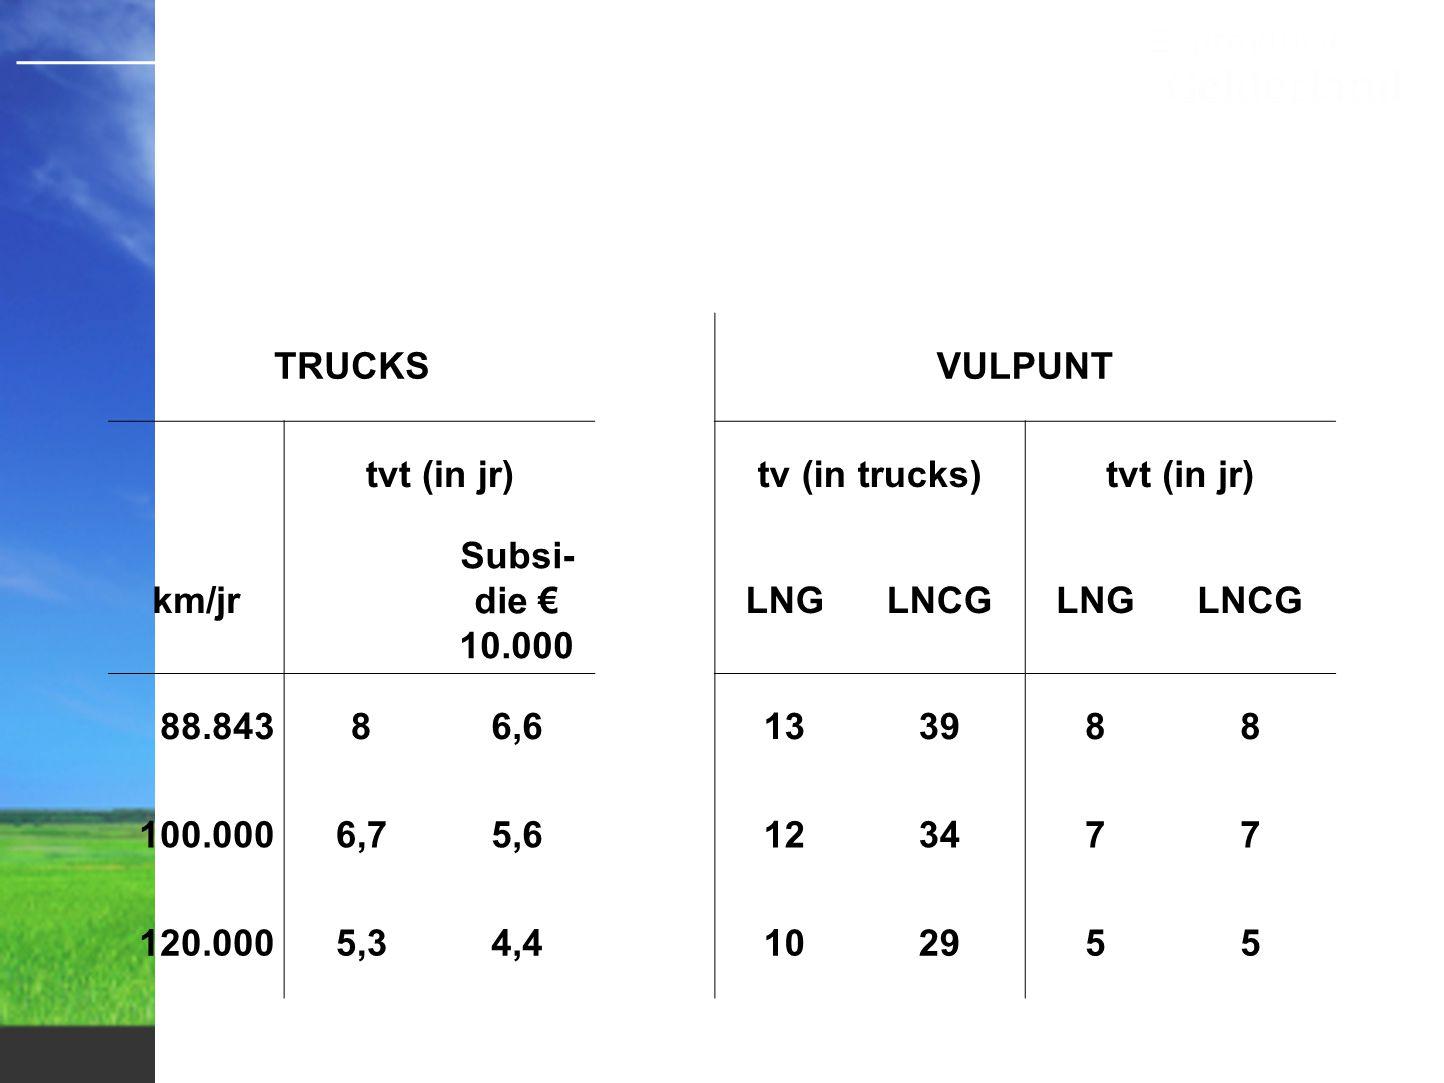 Kosten pompstation TRUCKS VULPUNT tvt (in jr) tv (in trucks) km/jr